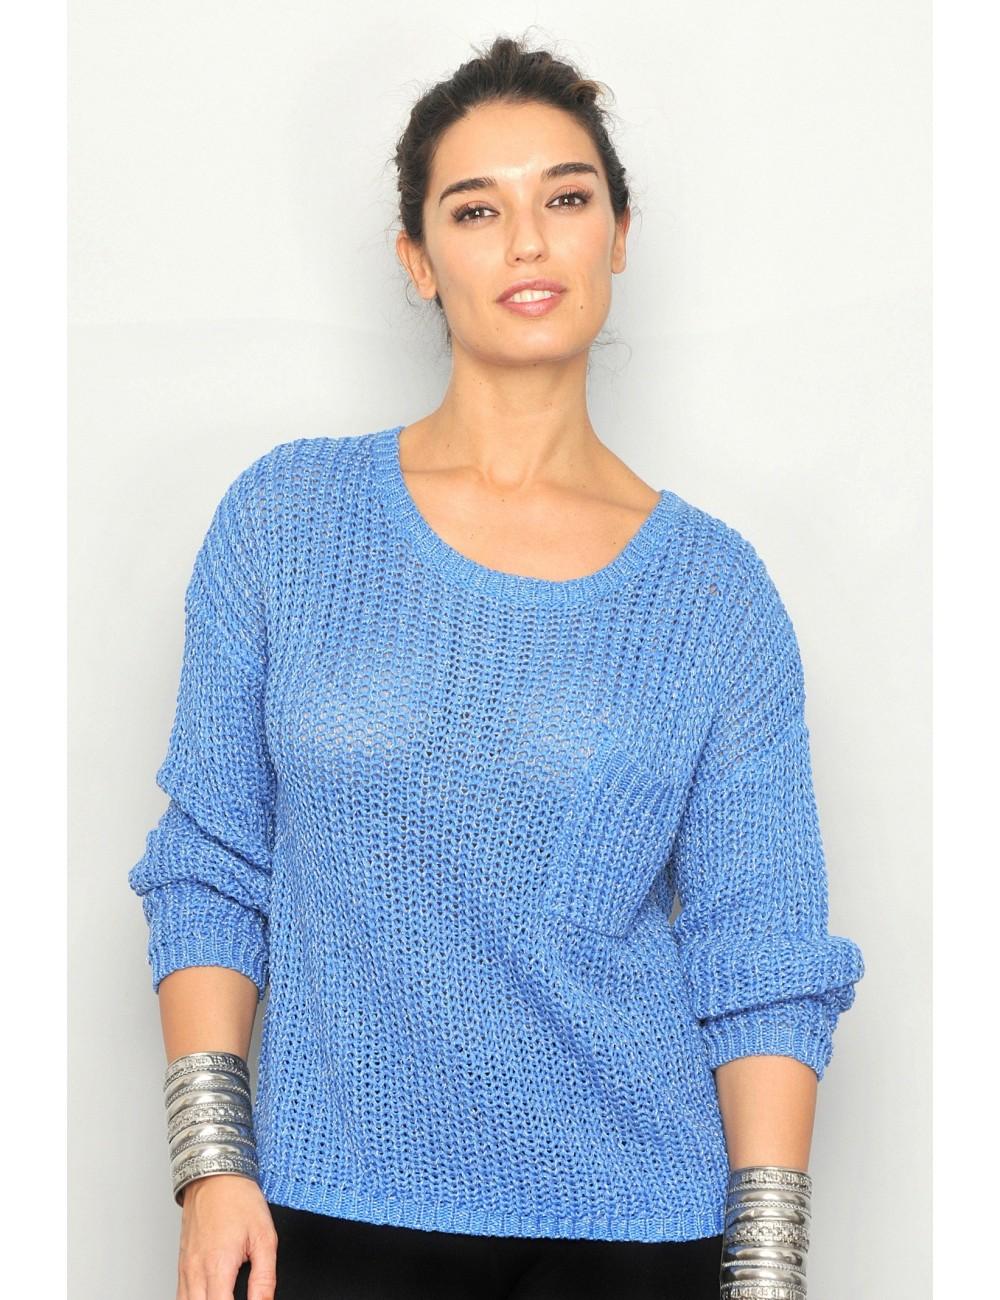 Pulover femei albastru cu fir argintiu 29I14-226-A